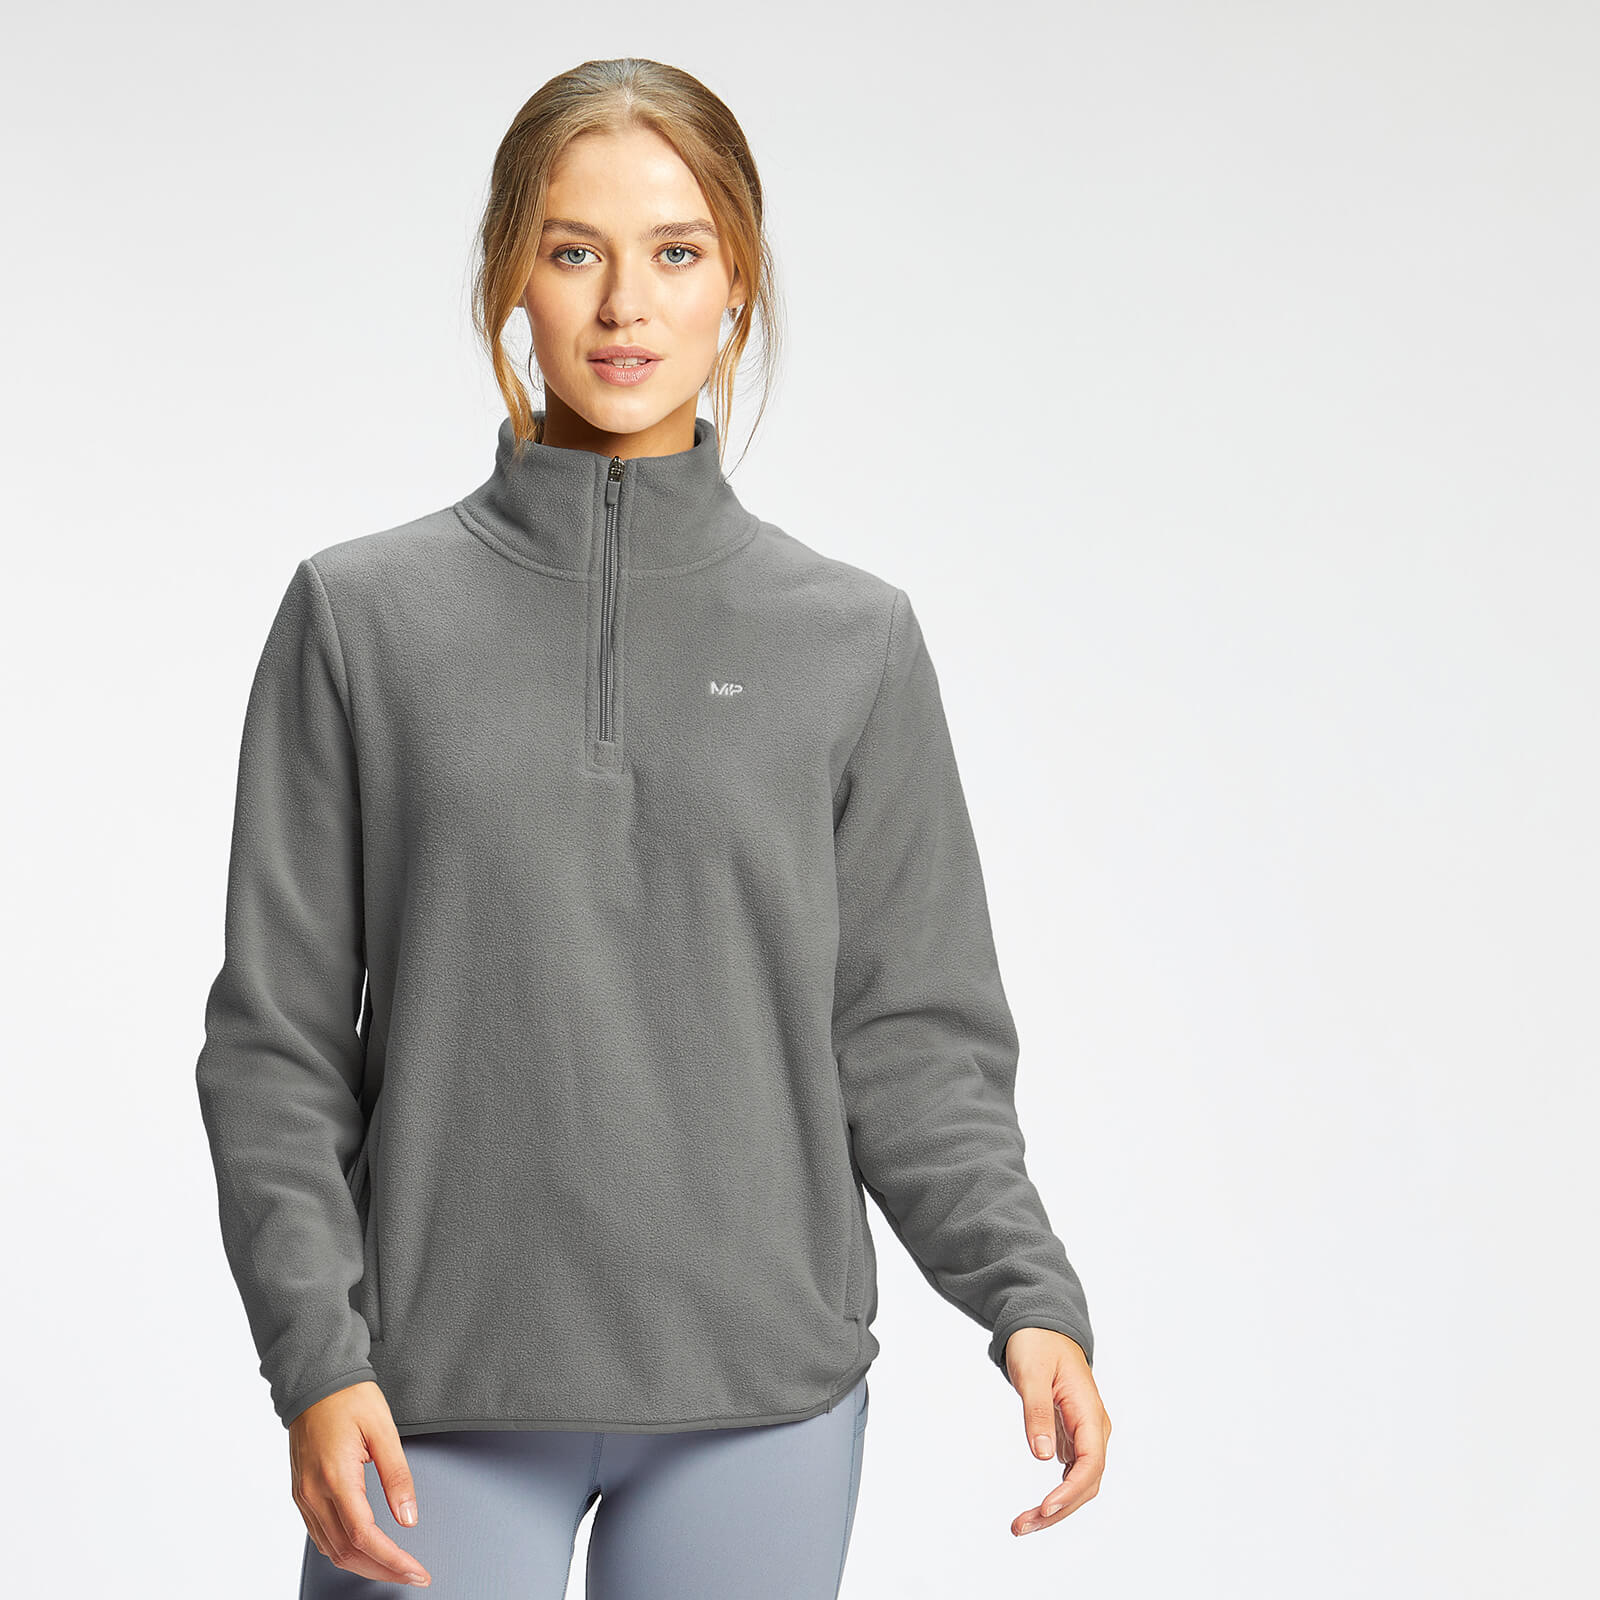 Купить MP Women's Essential 1/4 Zip Fleece - Storm - XXL, Myprotein International